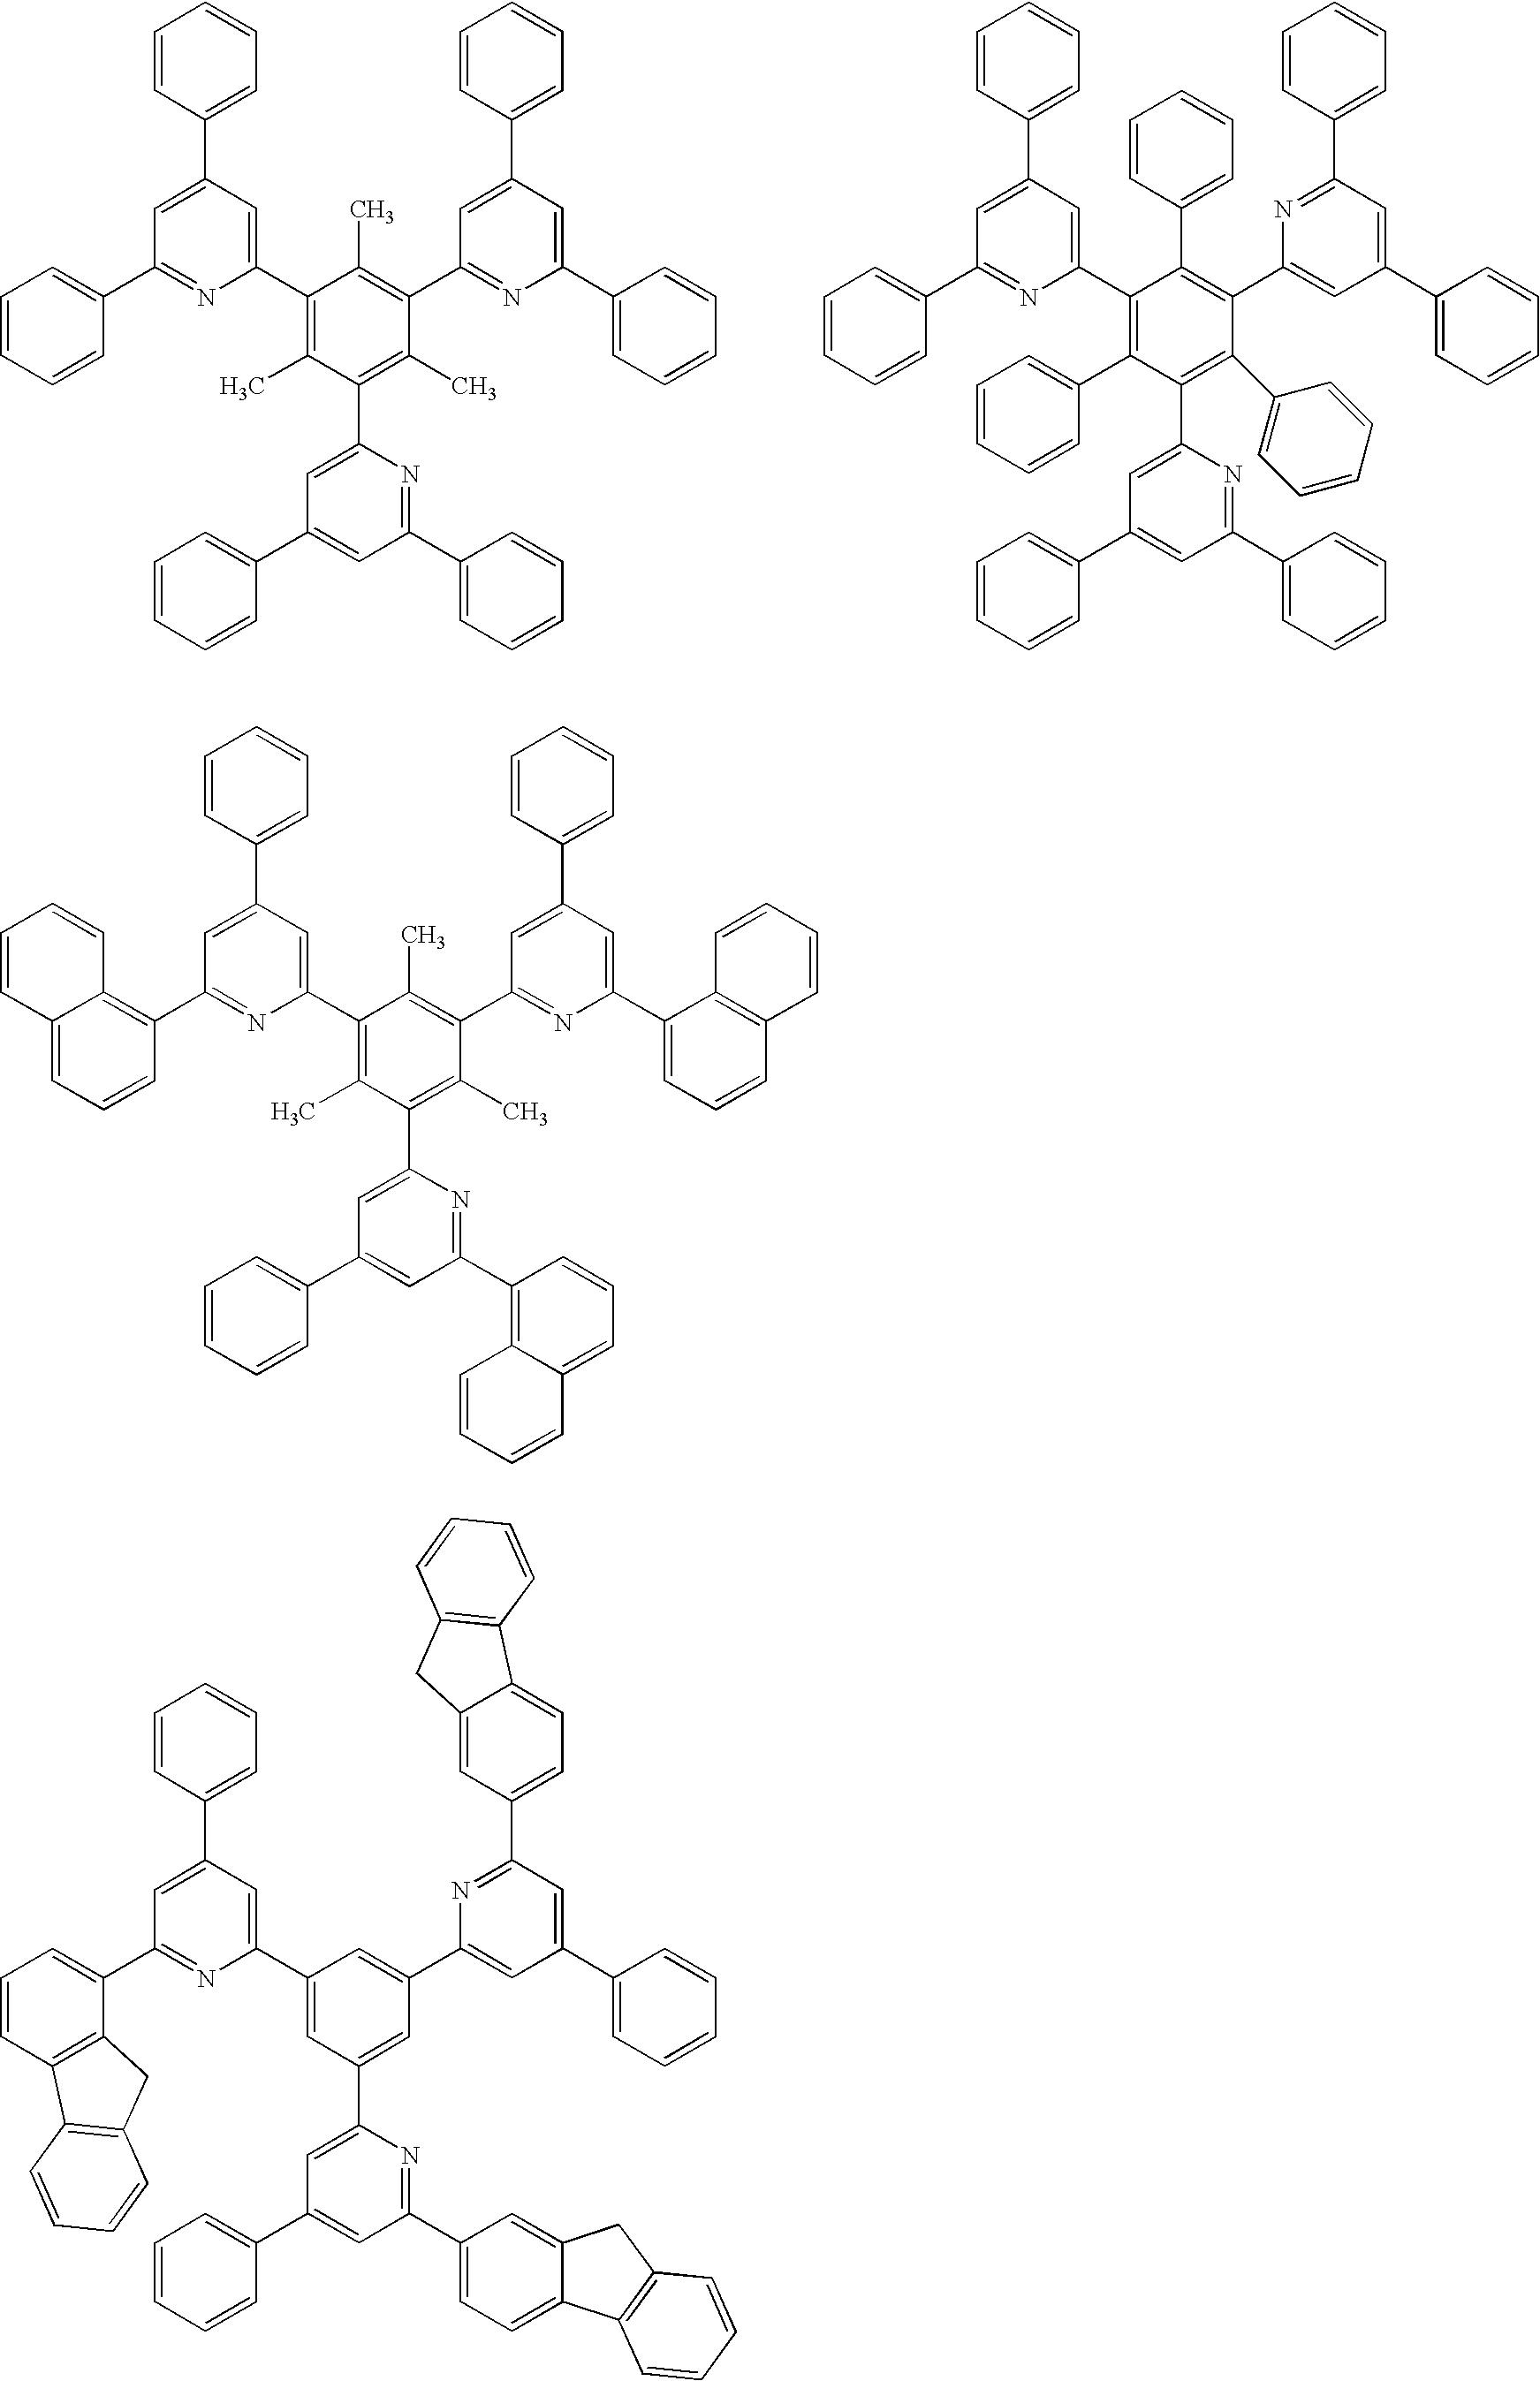 Figure US20060186796A1-20060824-C00109